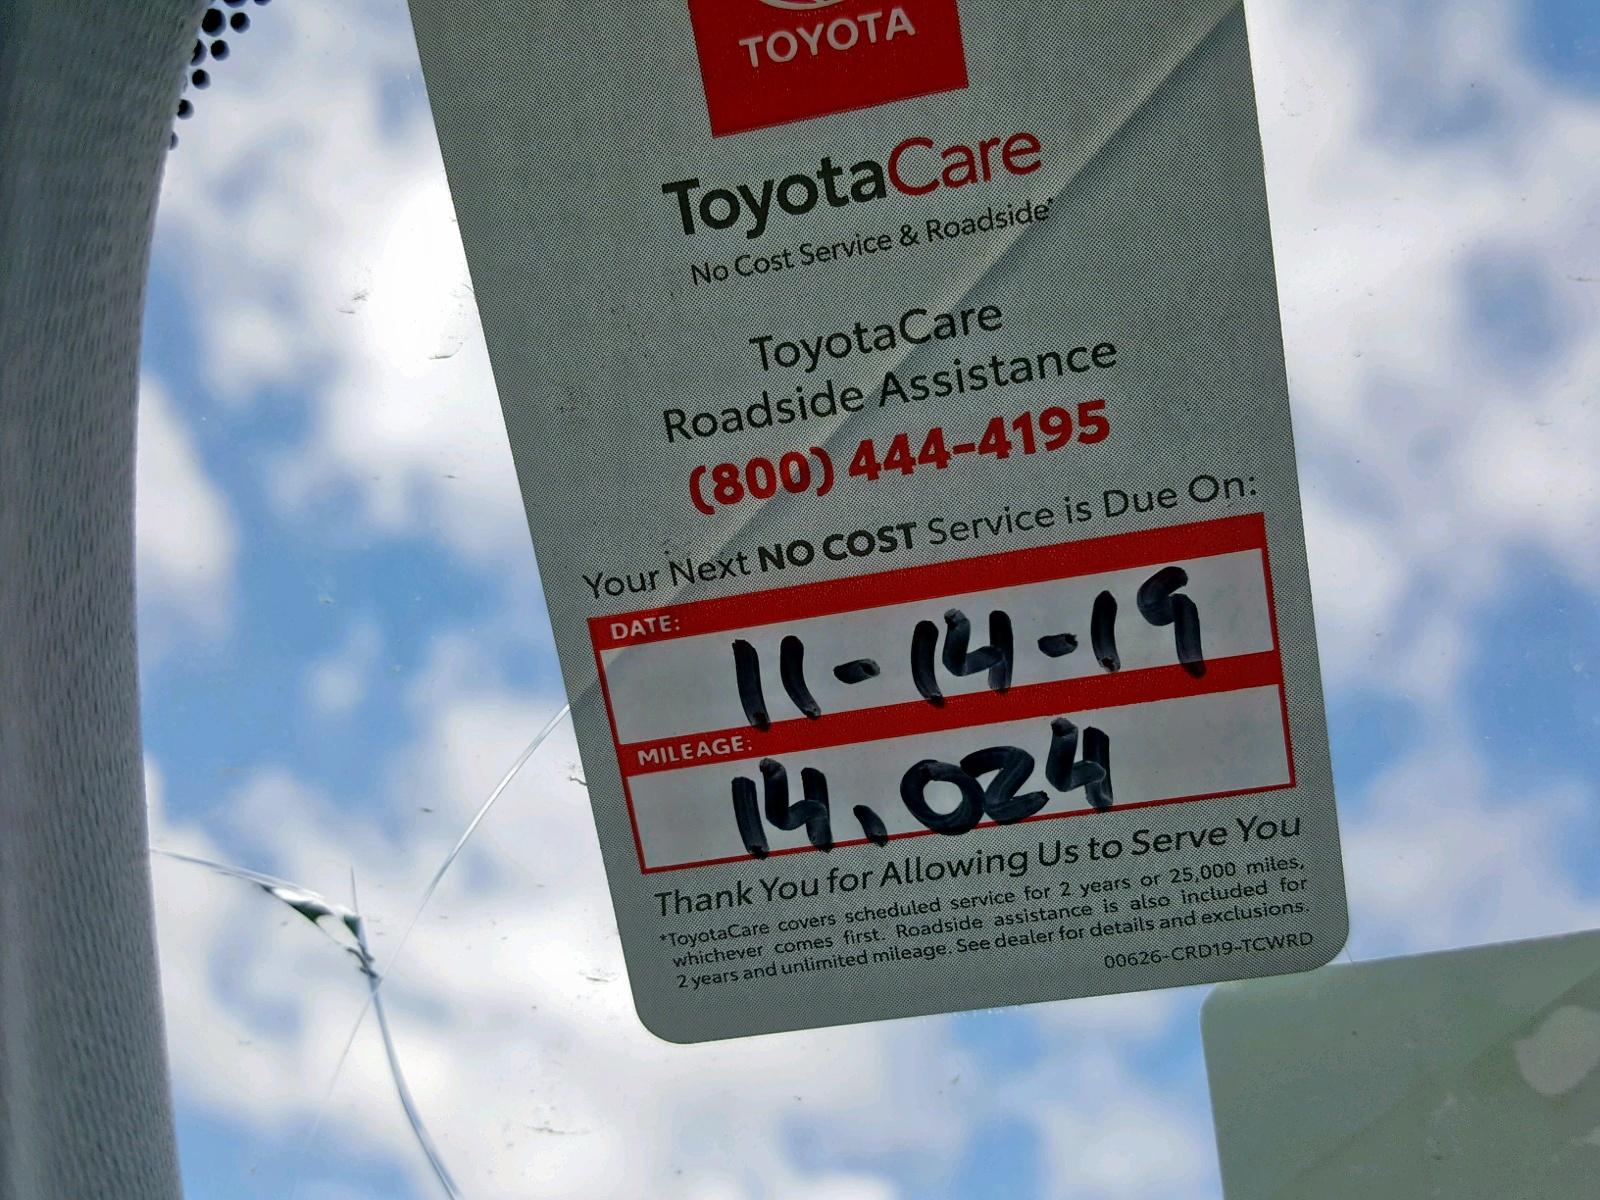 Toyotacare Roadside Assistance Number >> Toyota Highlander 2018 5tdjzrfh0js807256 Auto Auction Spot